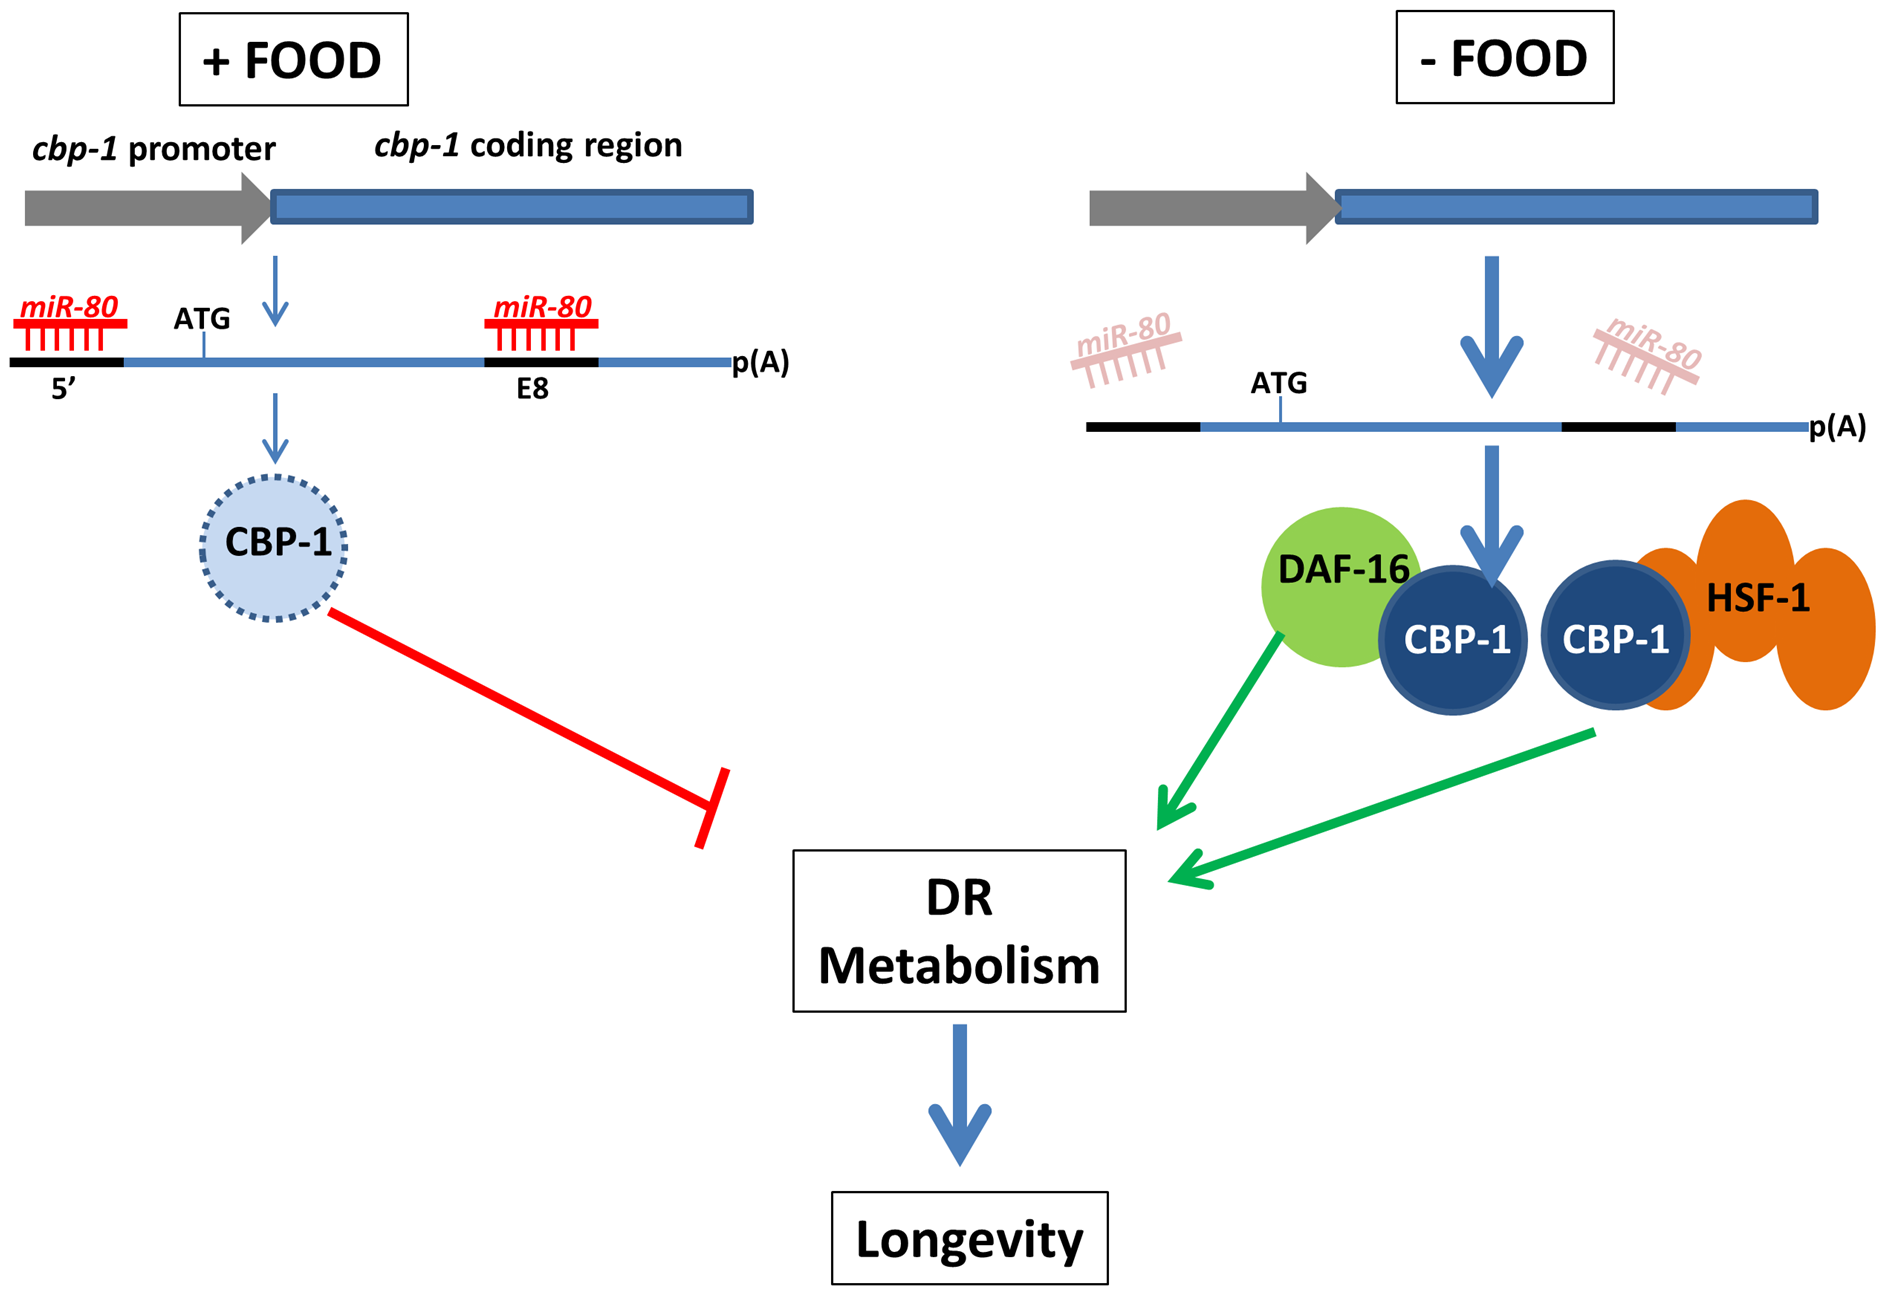 A model for miR-80 regulation of DR metabolism.